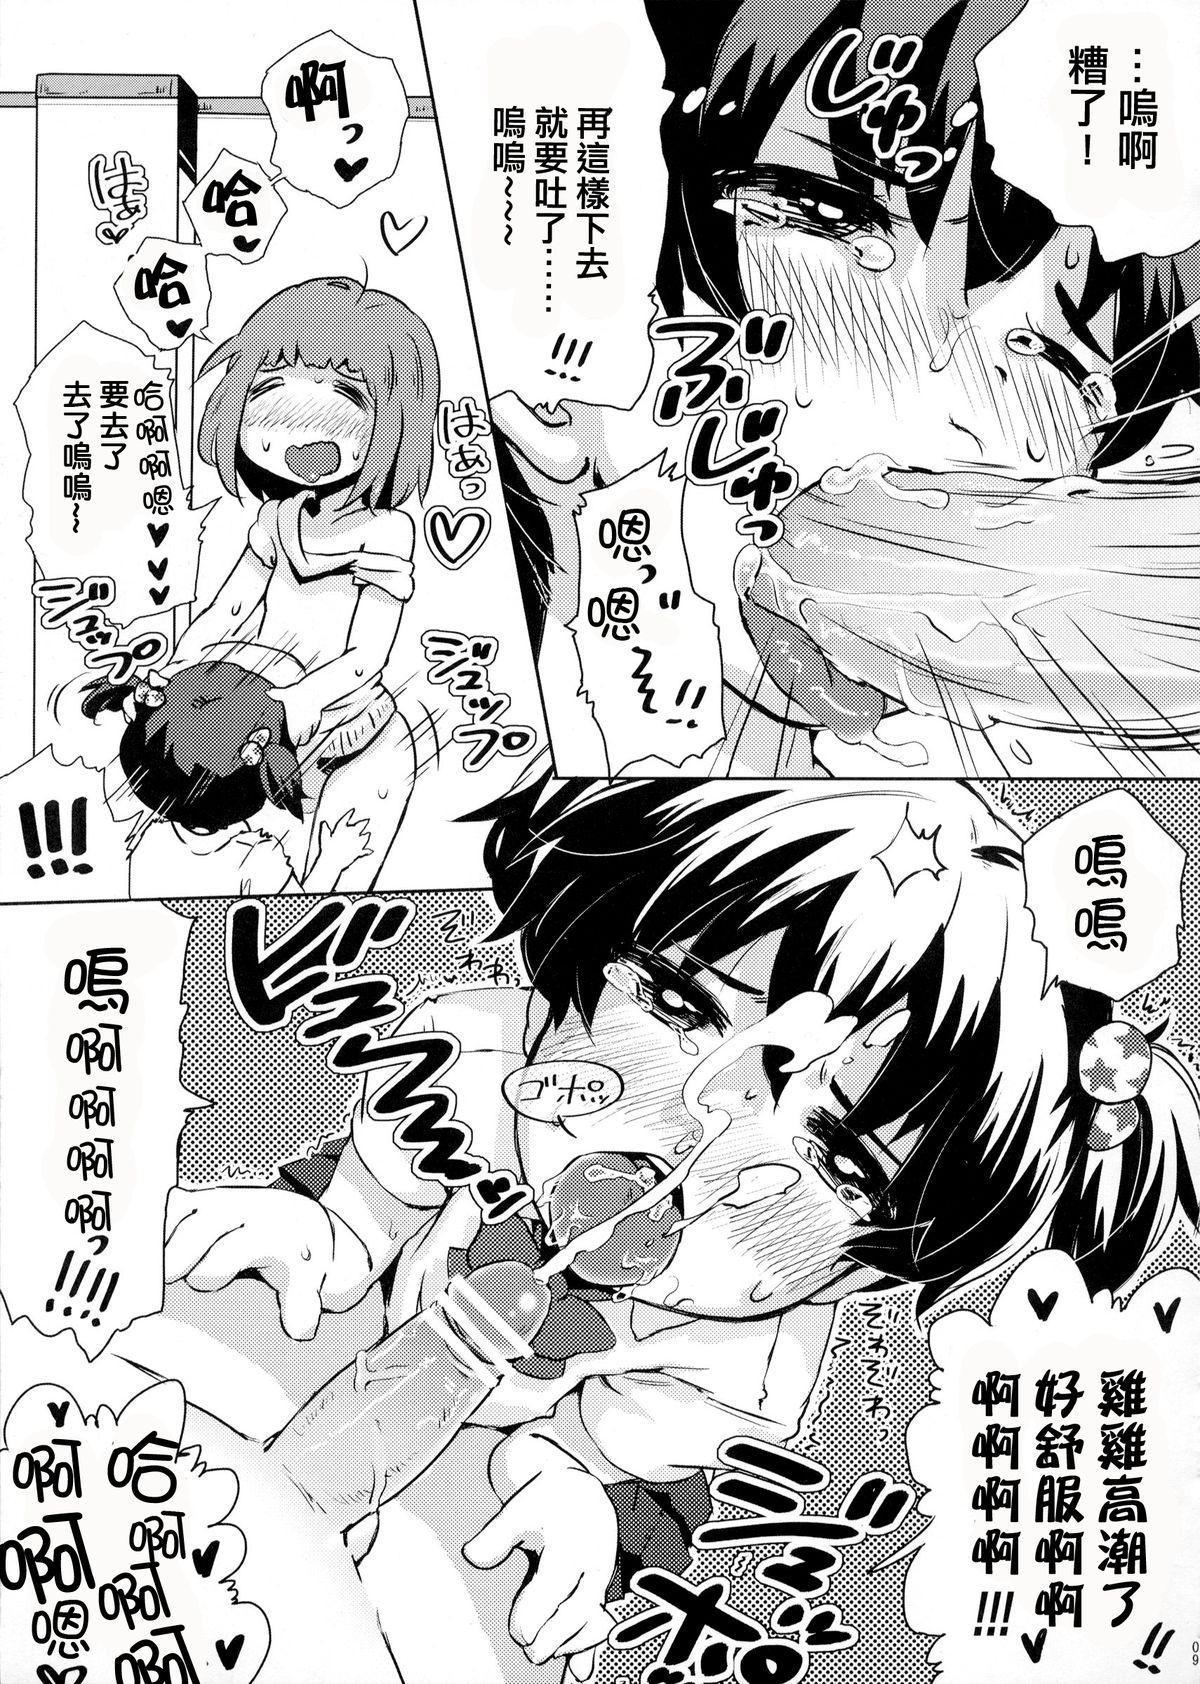 Boku no Neechan ga Hentai de Komaru. 7